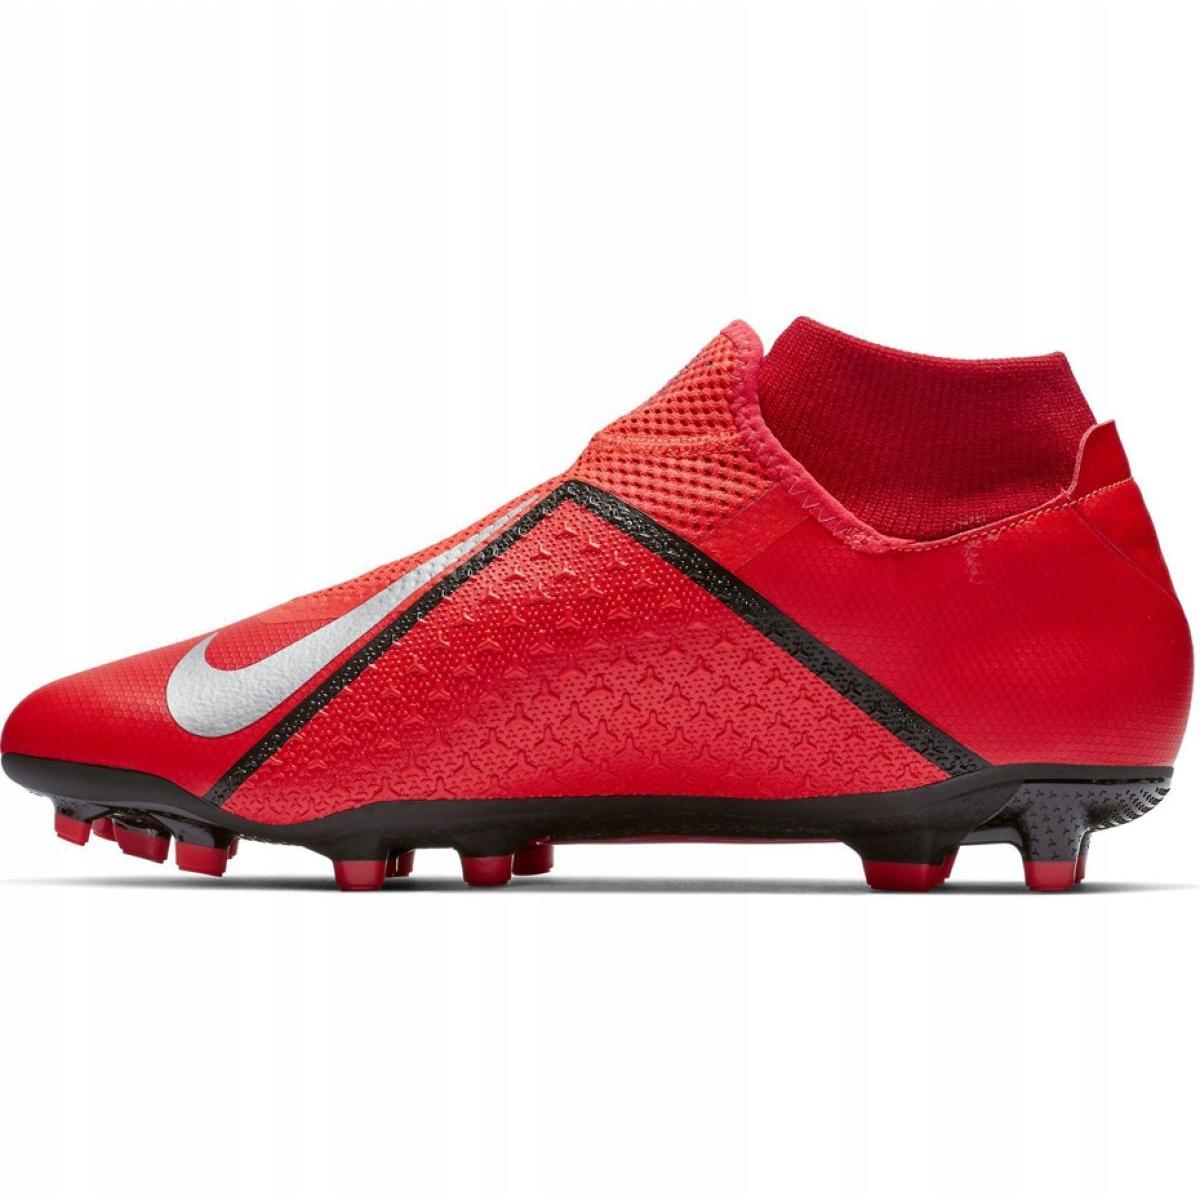 Calzado de fútbol Nike Phantom Vsn Academy Df FG MG M AO3258 600